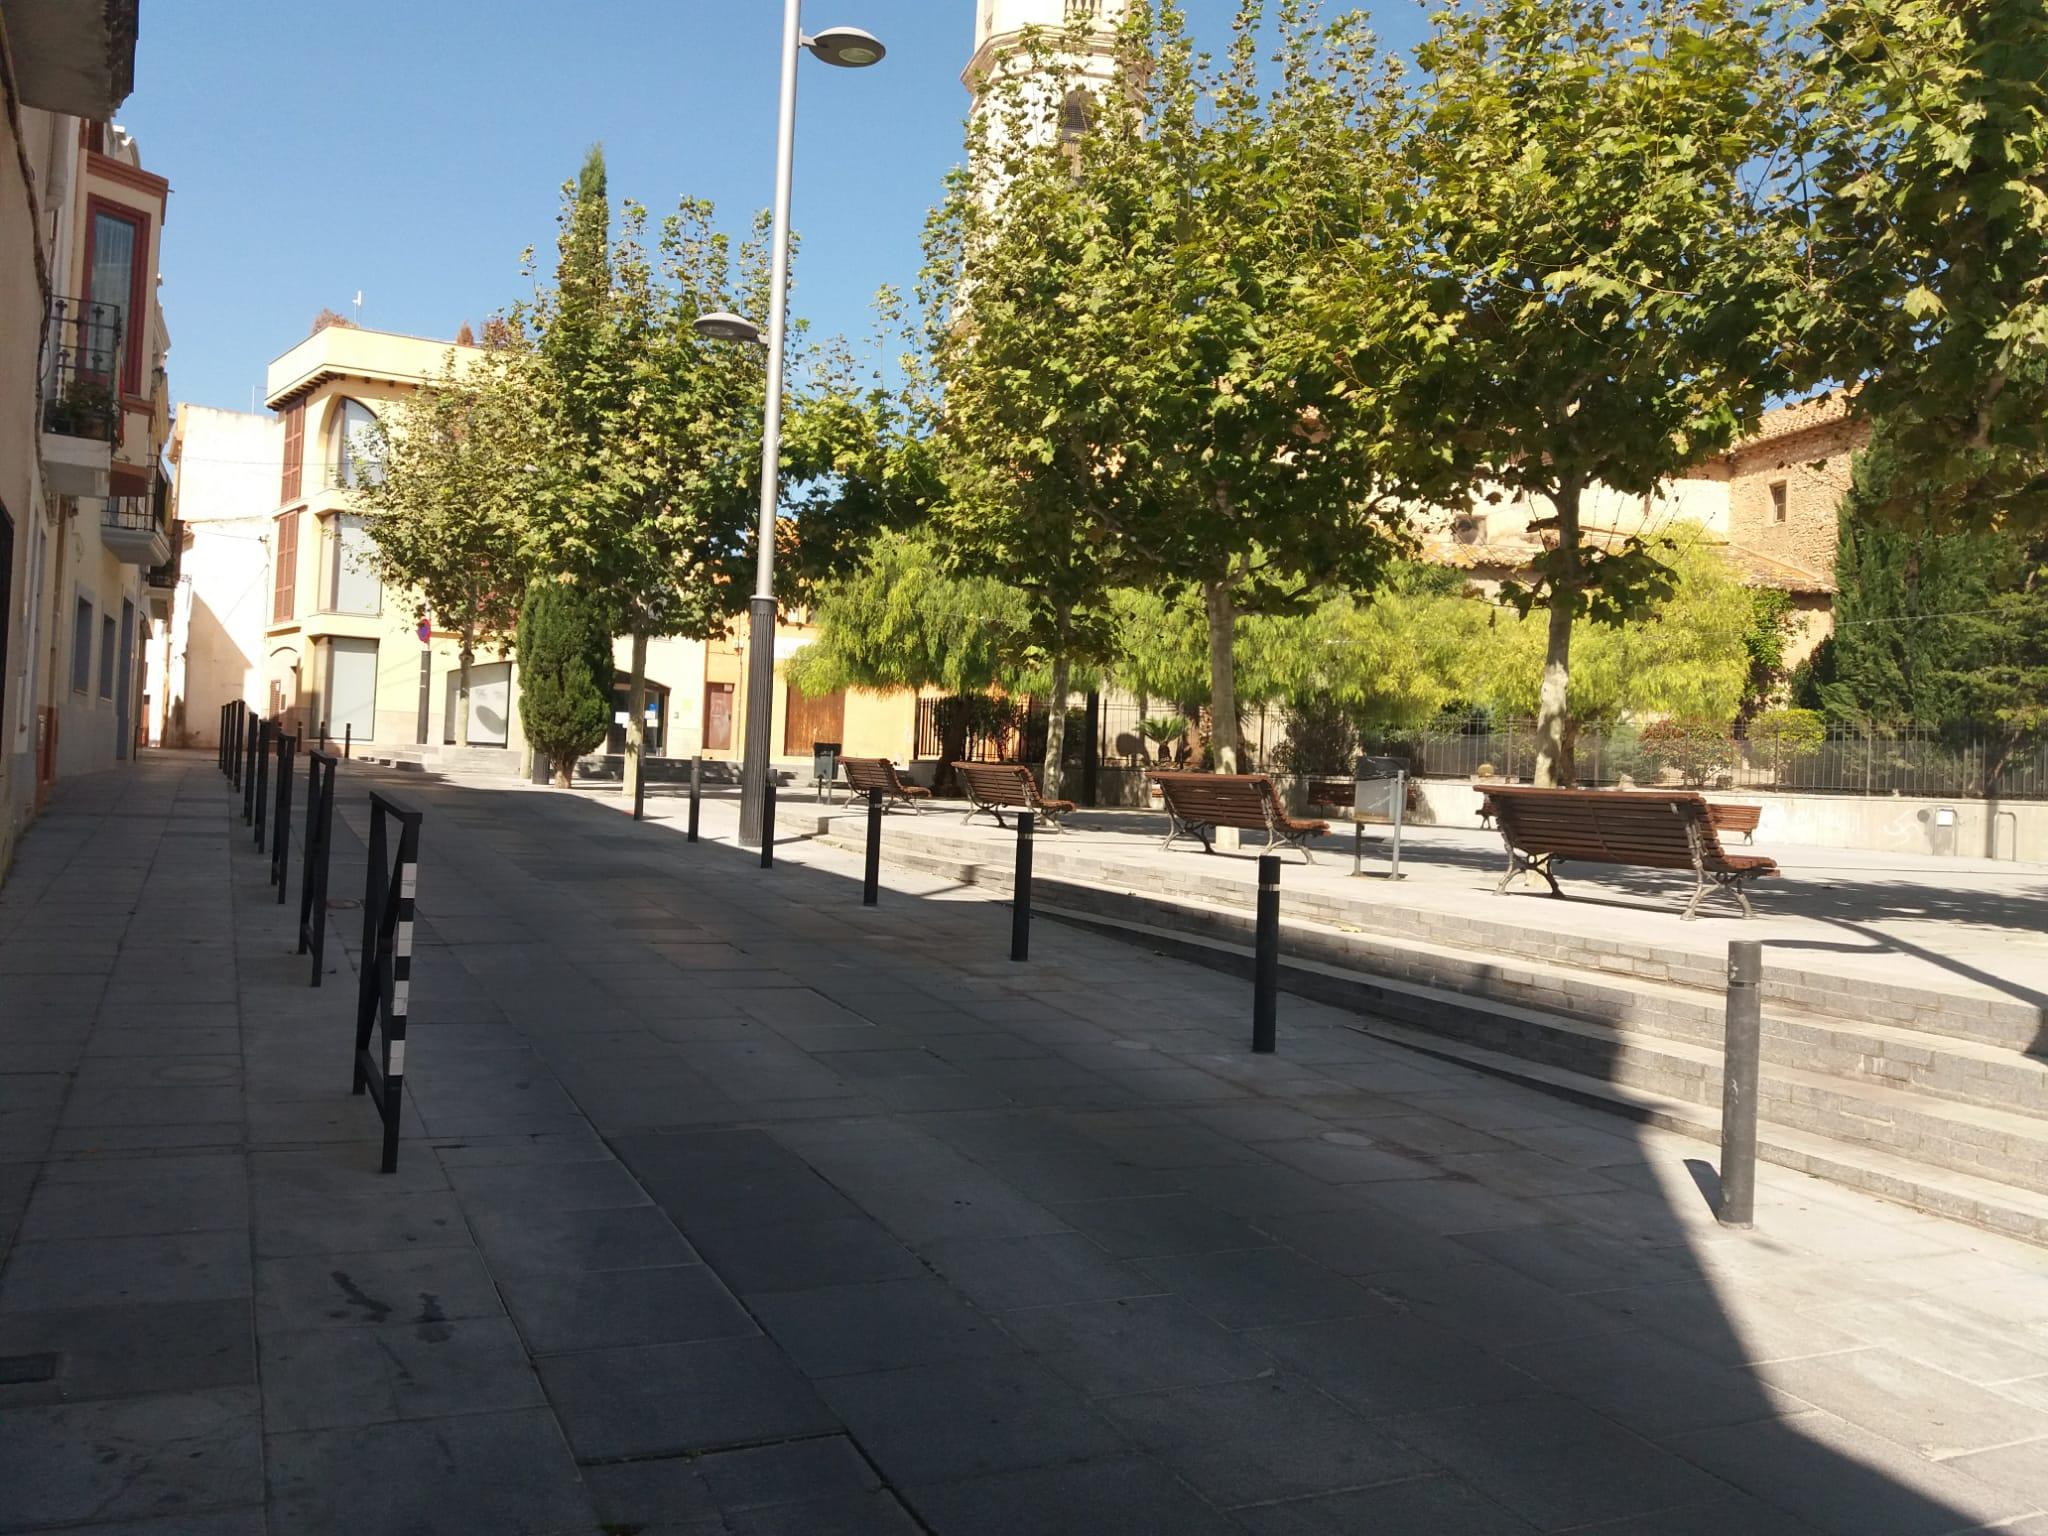 La Regidoria de Mobilitat i Via pública Treballs ha efectuat treballs per millorar la seguretat dels vianants i els vehicles a la plaça de l'església